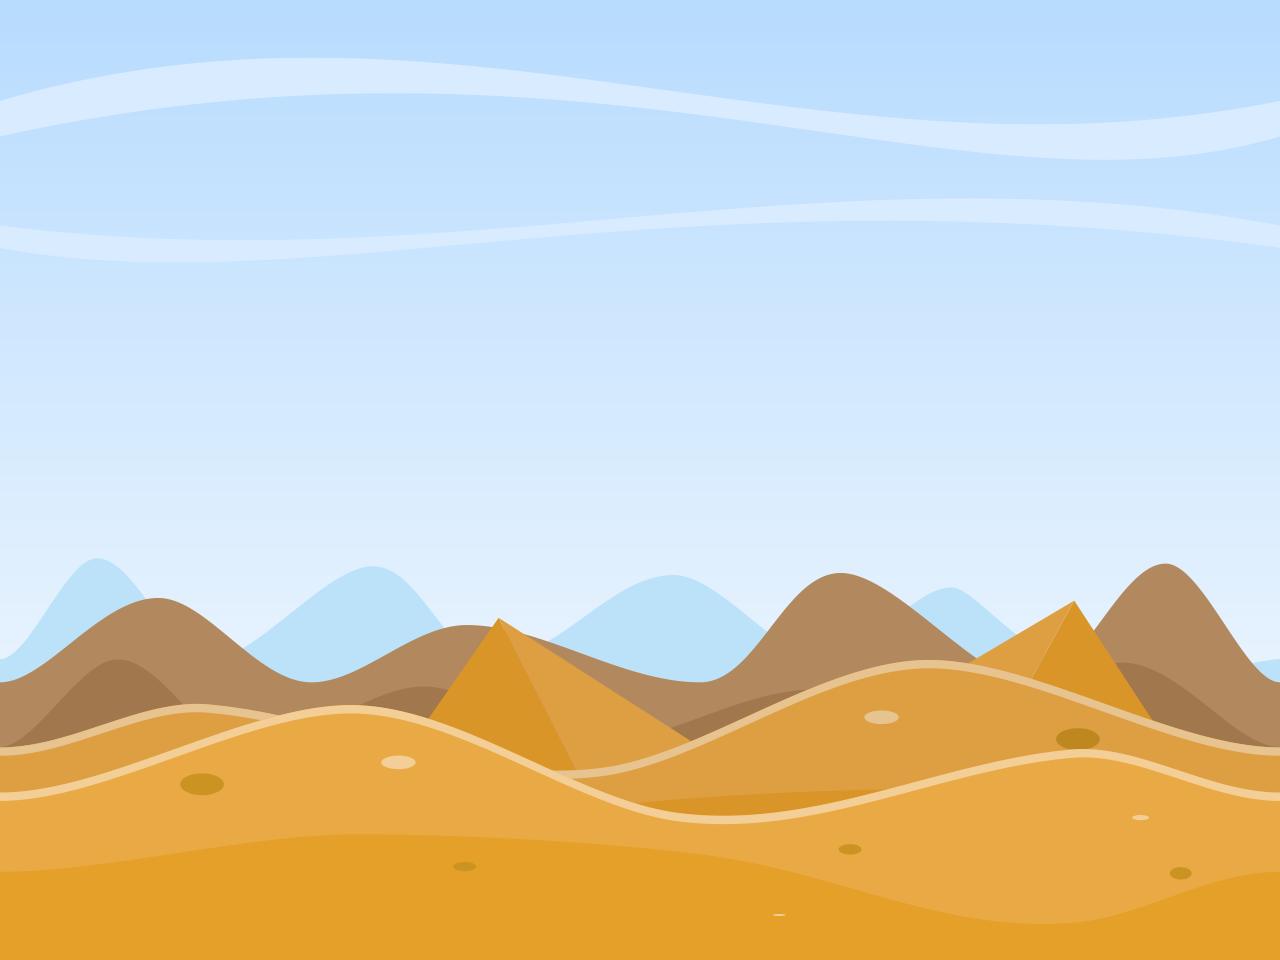 Desert clipart Desert free images Clipart Savoronmorehead